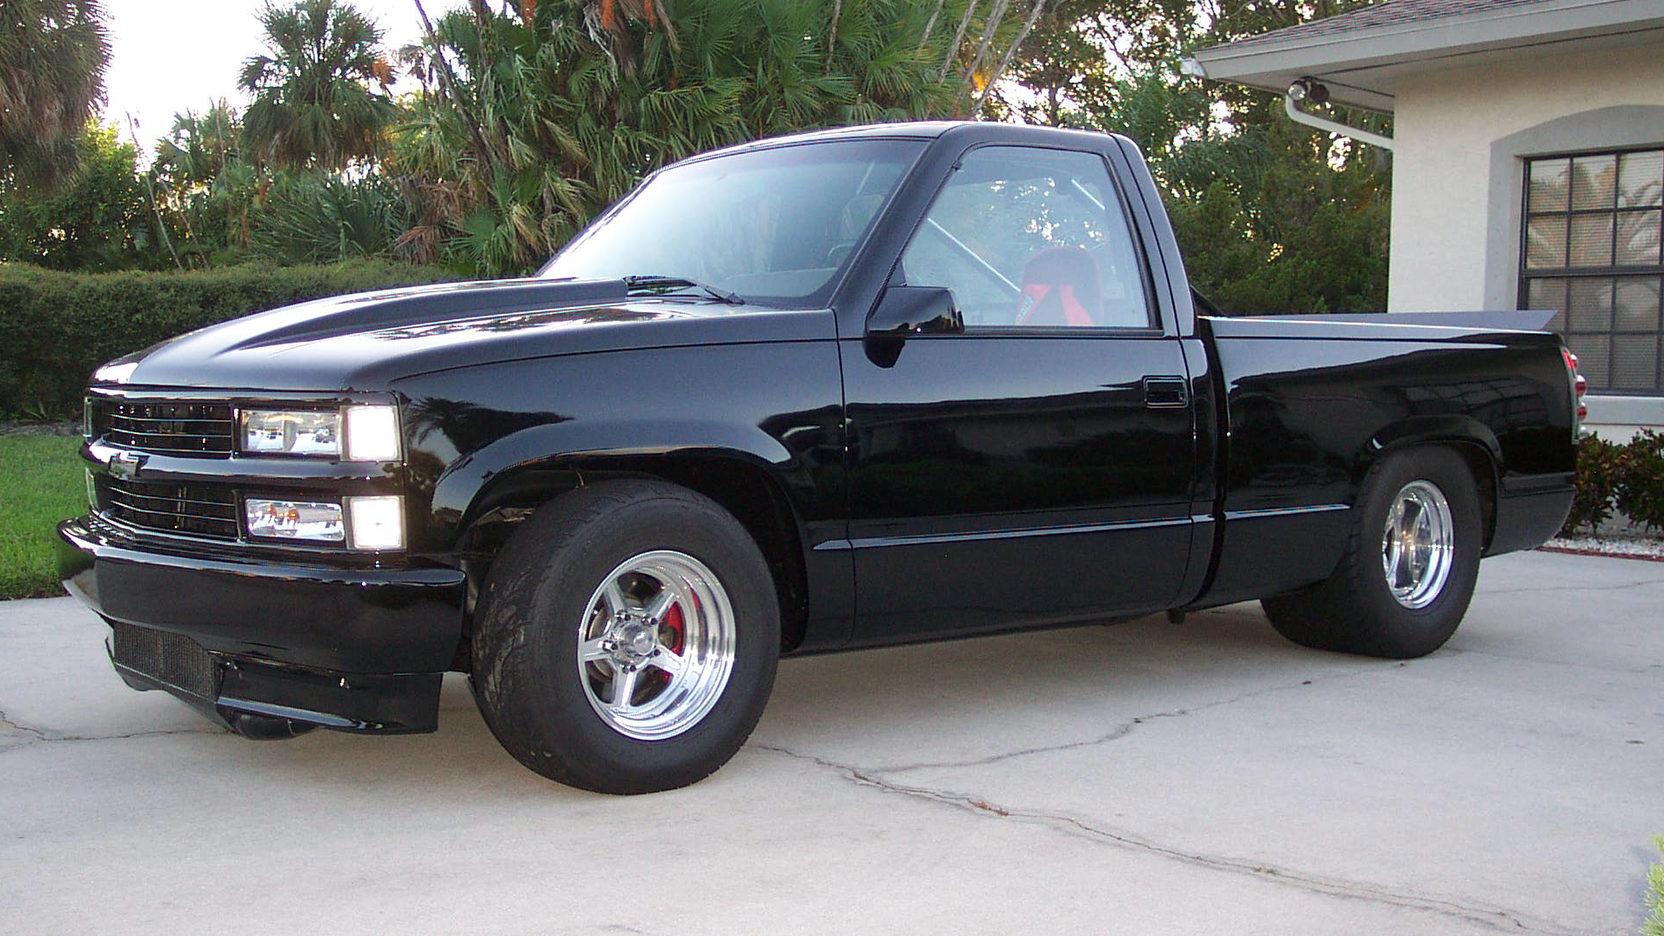 hight resolution of 1990 chevrolet silverado ss 454 pickup 1 full screen